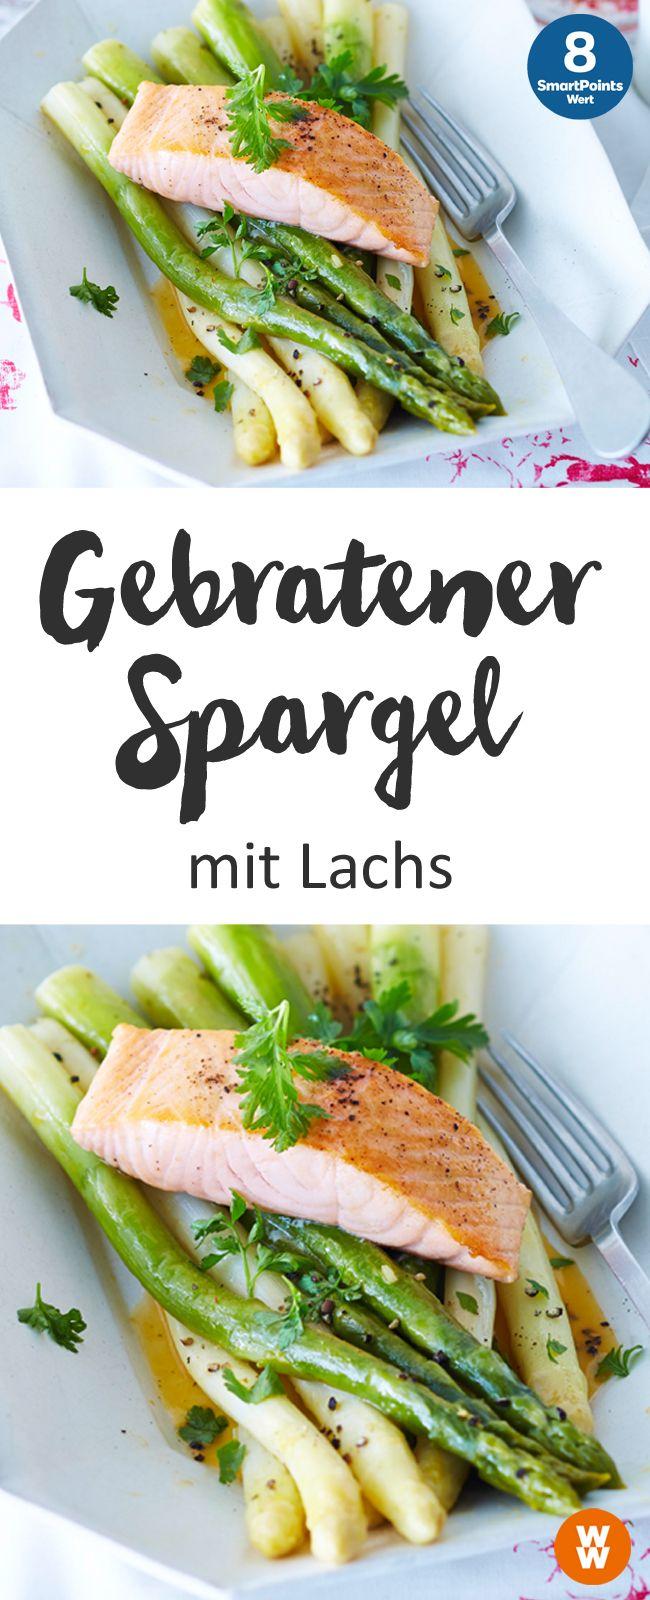 Gebratener Spargel mit Lachs, Spargelzeit, Fisch, Hauptgericht, Abendessen | Weight Watchers